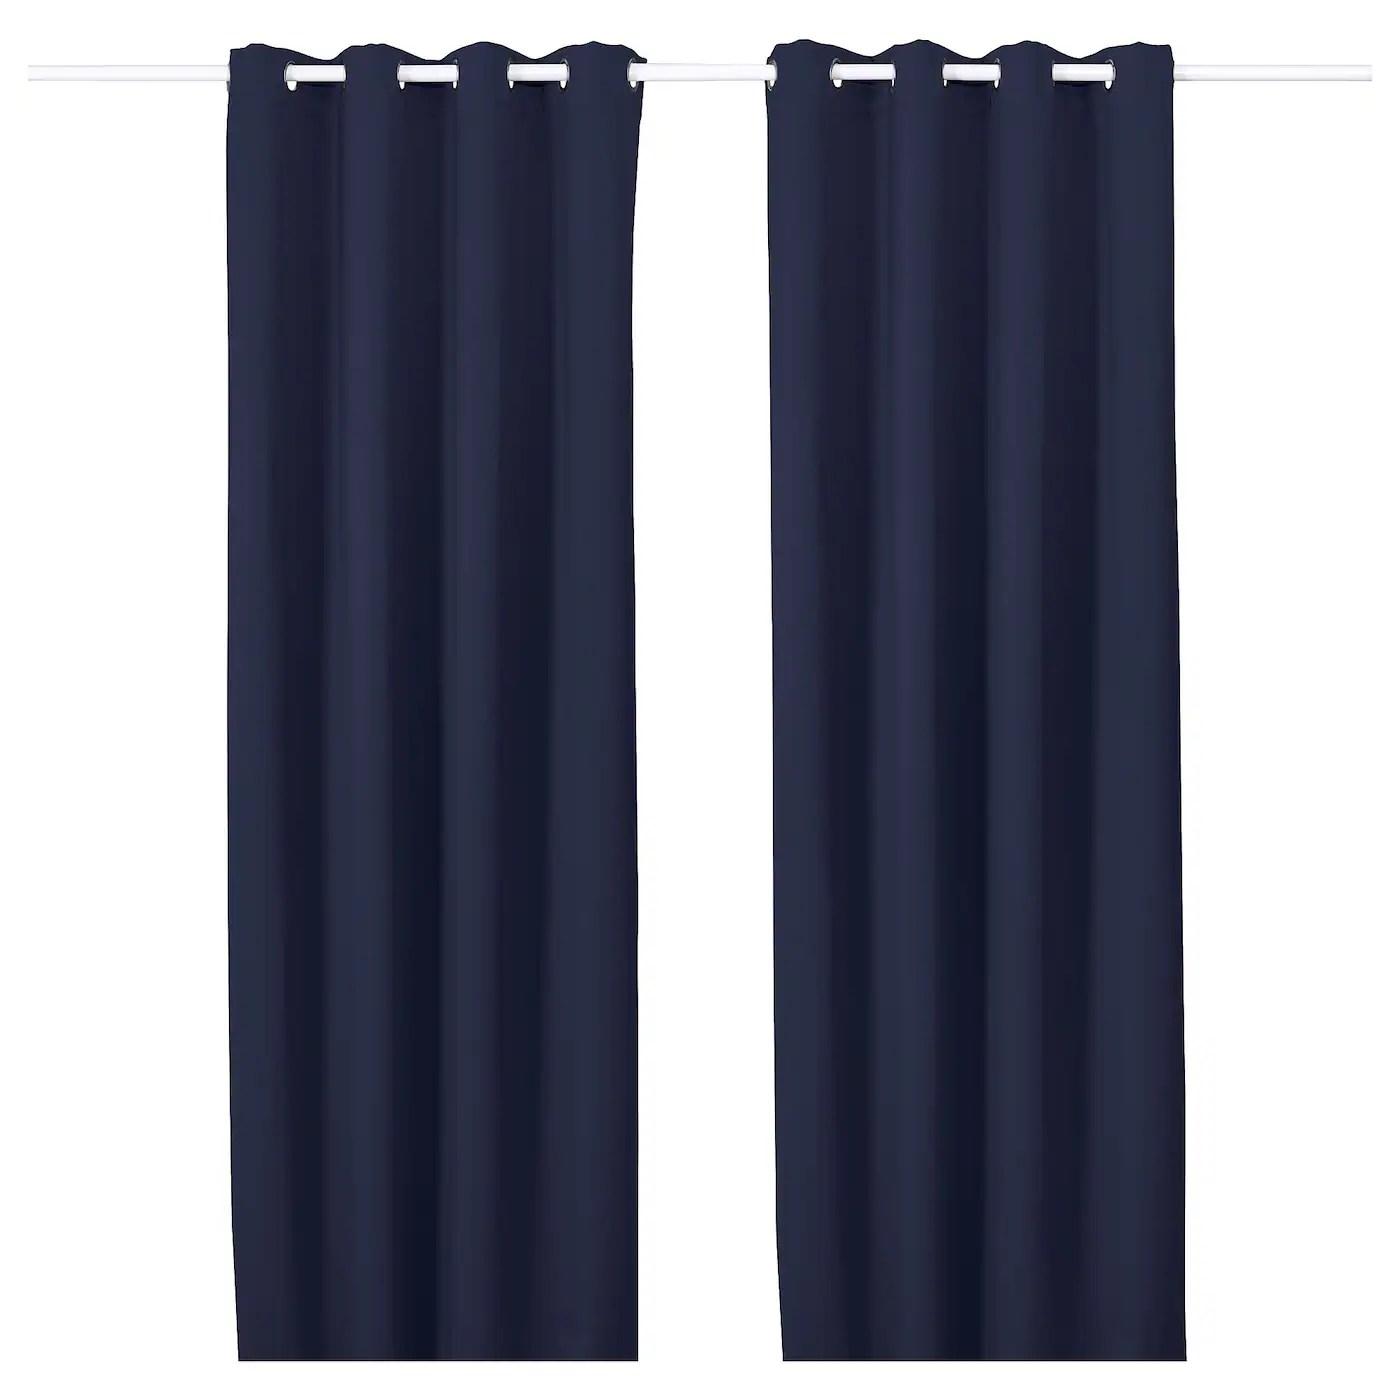 majgull rideaux occultant 2 pieces avec oeillets bleu fonce 145x300 cm